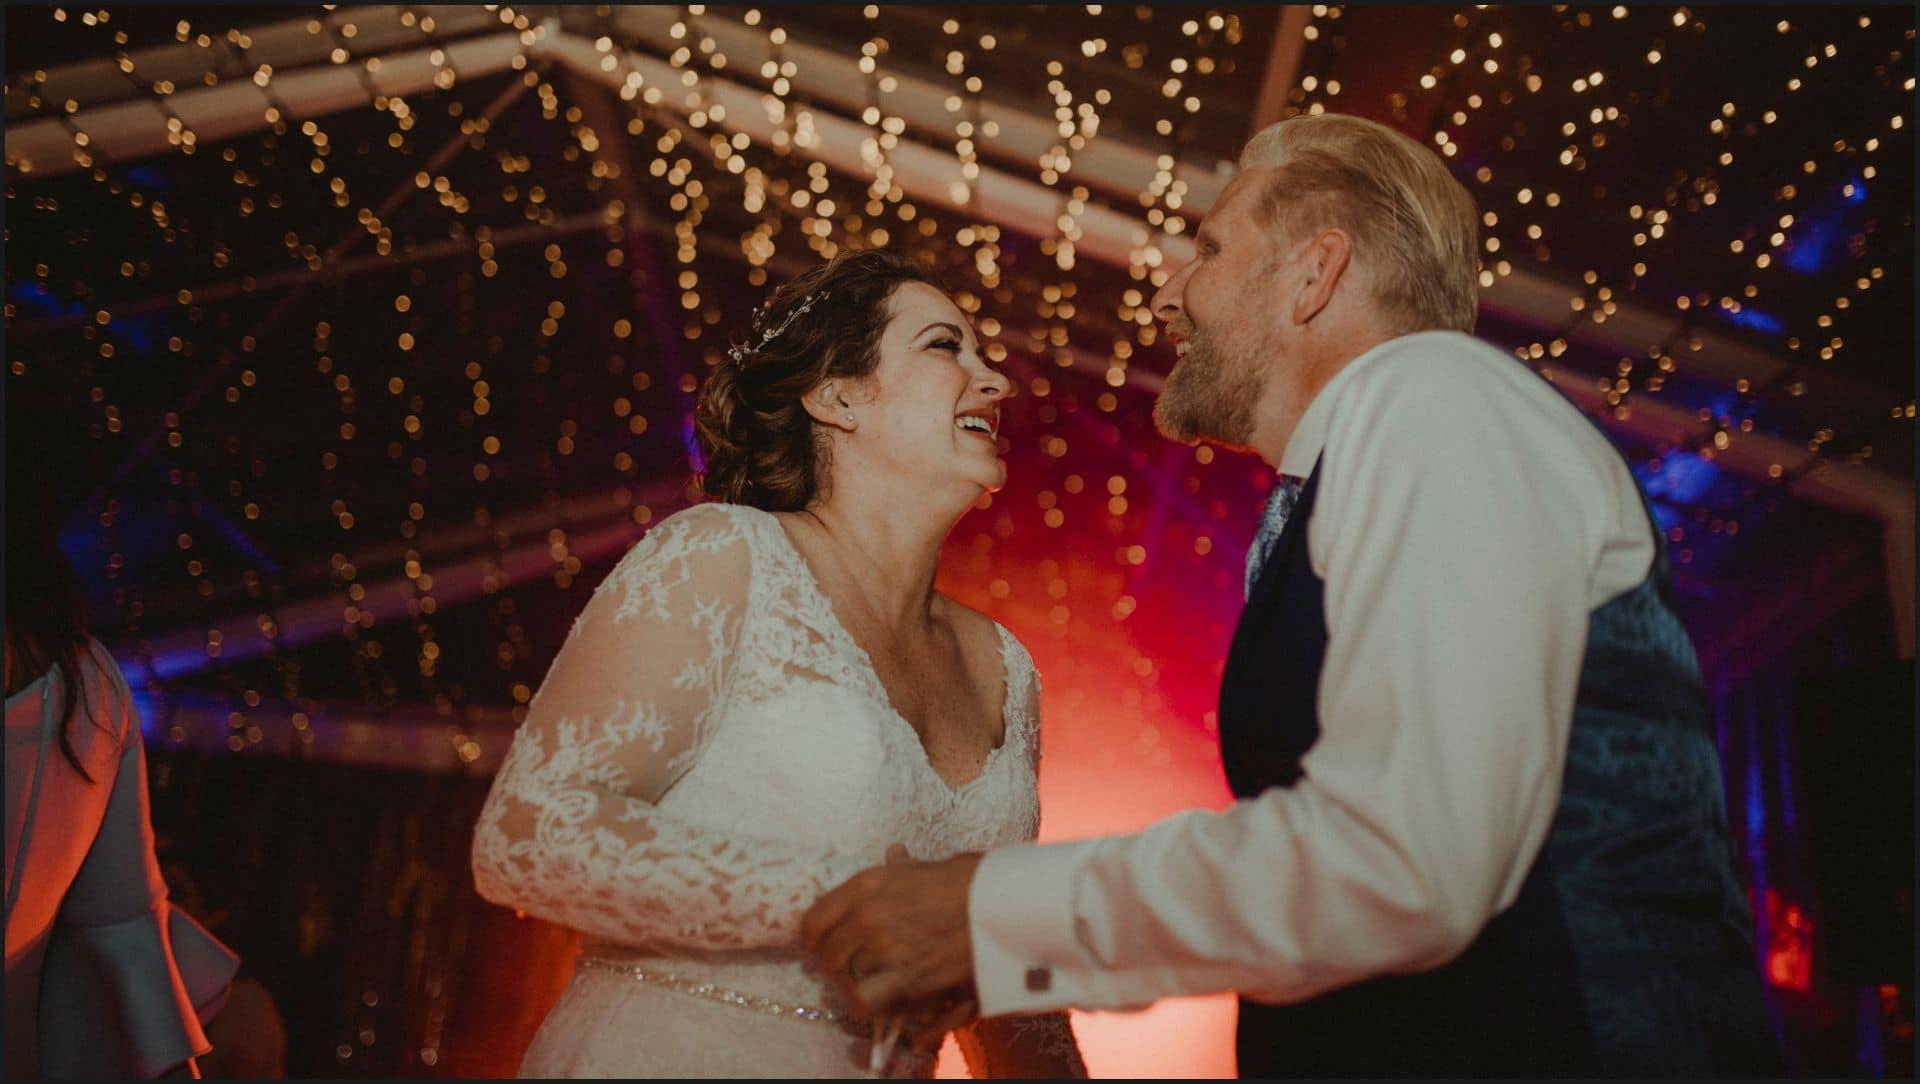 tuscany, destination wedding, chianti, bride, groom, wedding party